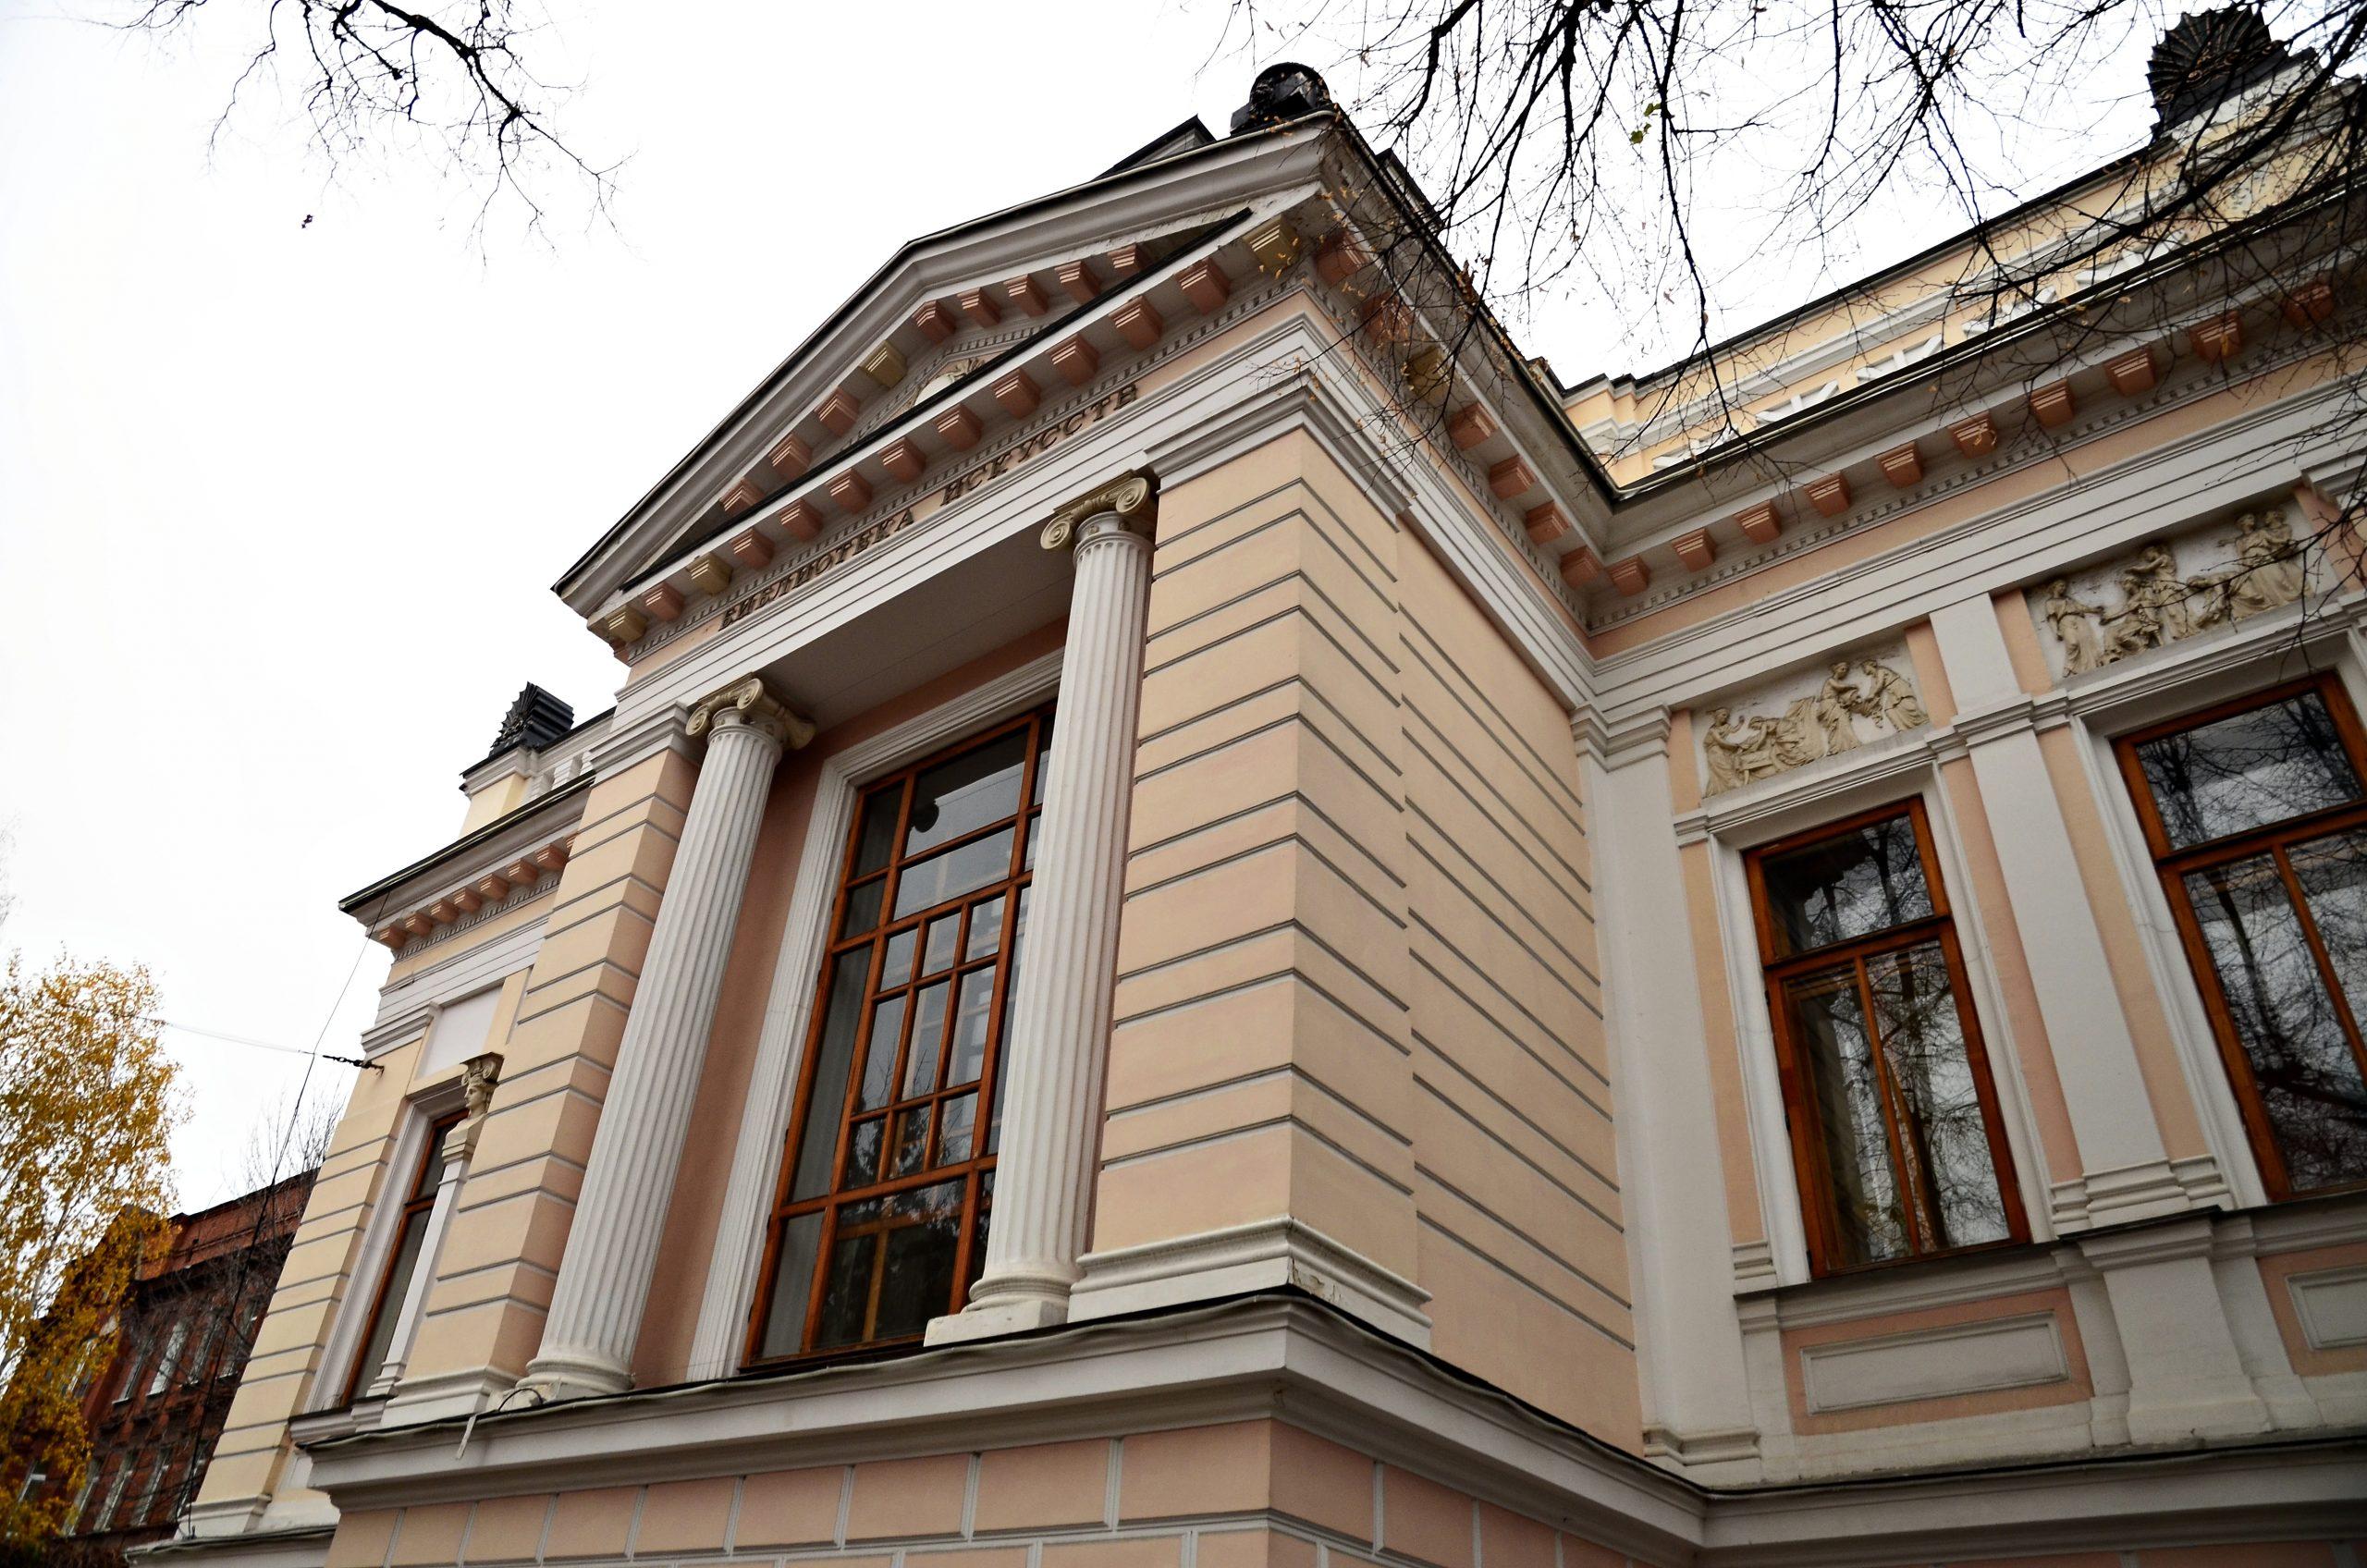 Историю правления императрицы Анны Иоановны разобрали в библиотеке Боголюбова. Фото: Анна Быкова